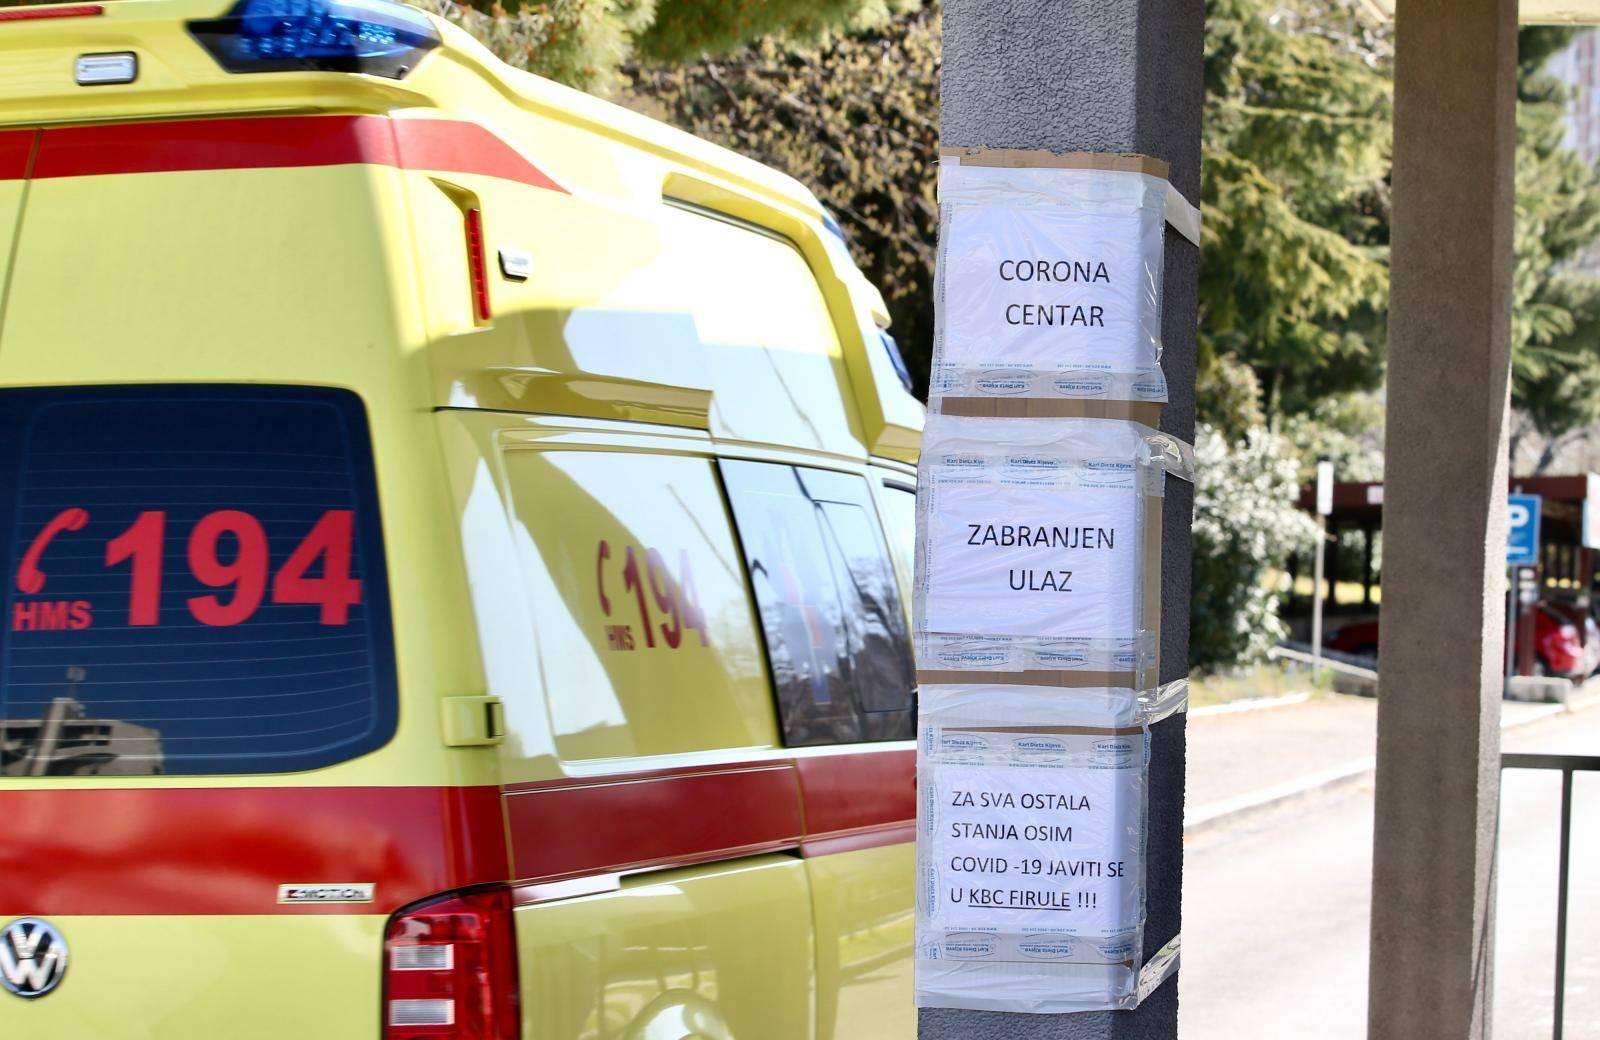 Zaraženu ženu vratili u Dom, nezaražena je ostala u bolnici